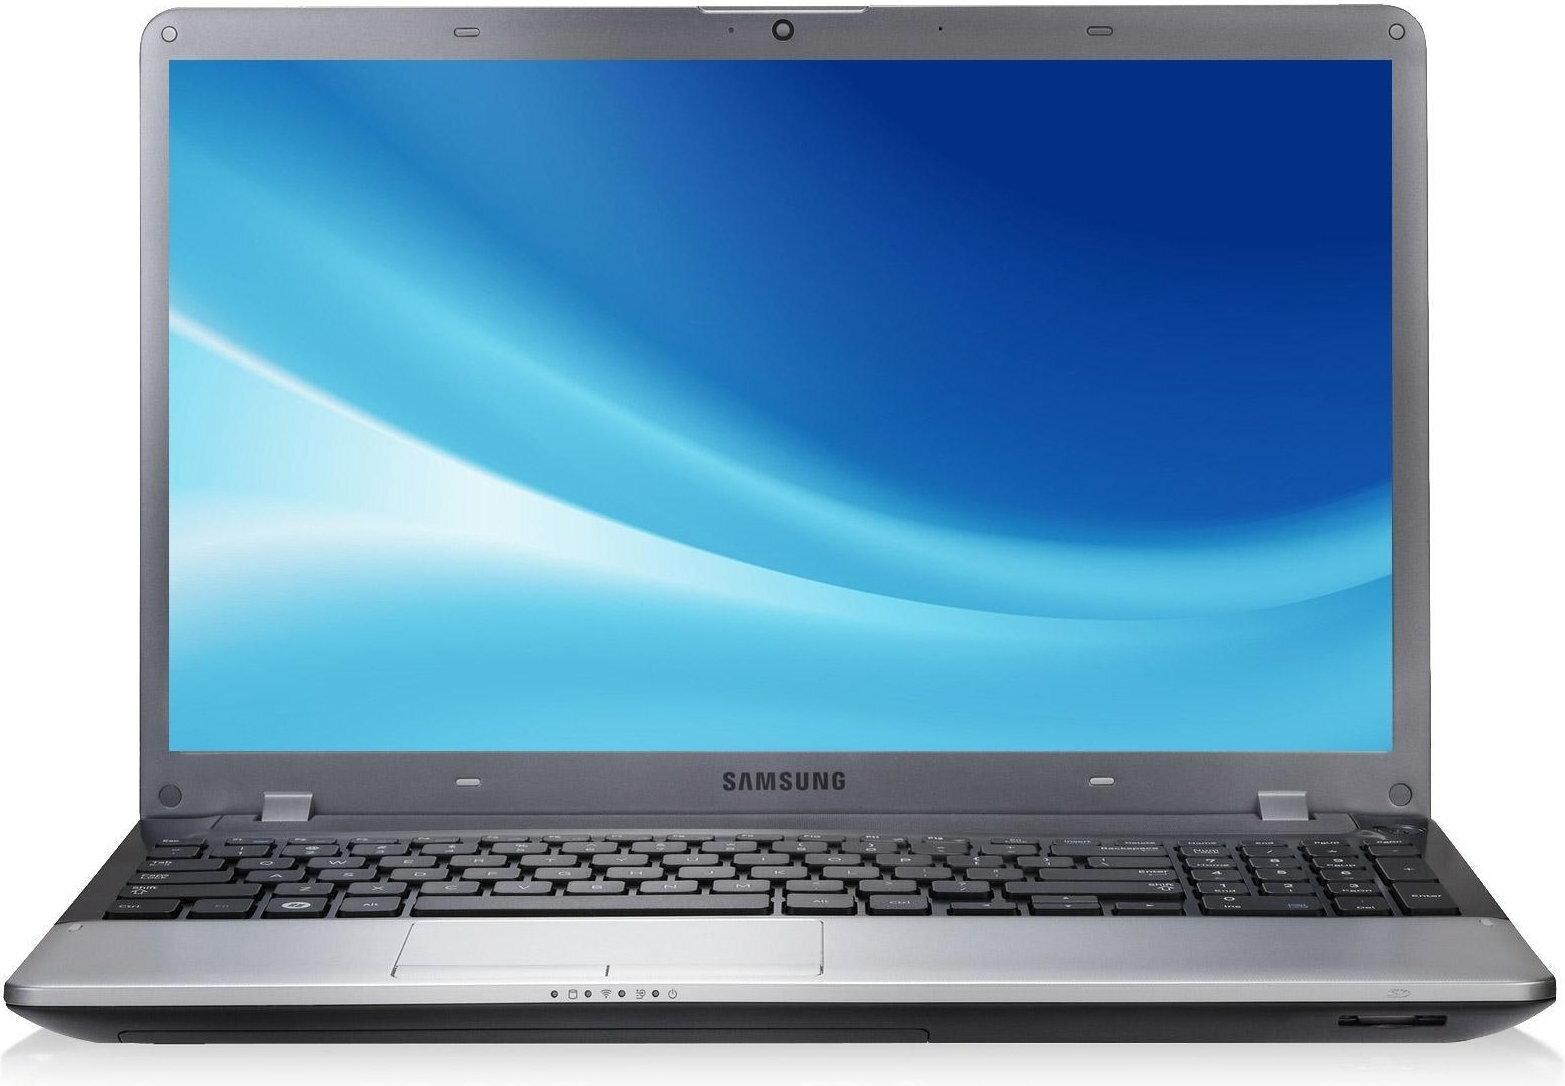 """Samsung NP350V5C-S0DPL 15,6"""", Core i7 2,3GHz, 8GB RAM, 1000GB HDD (350V5C-S0DPL)"""